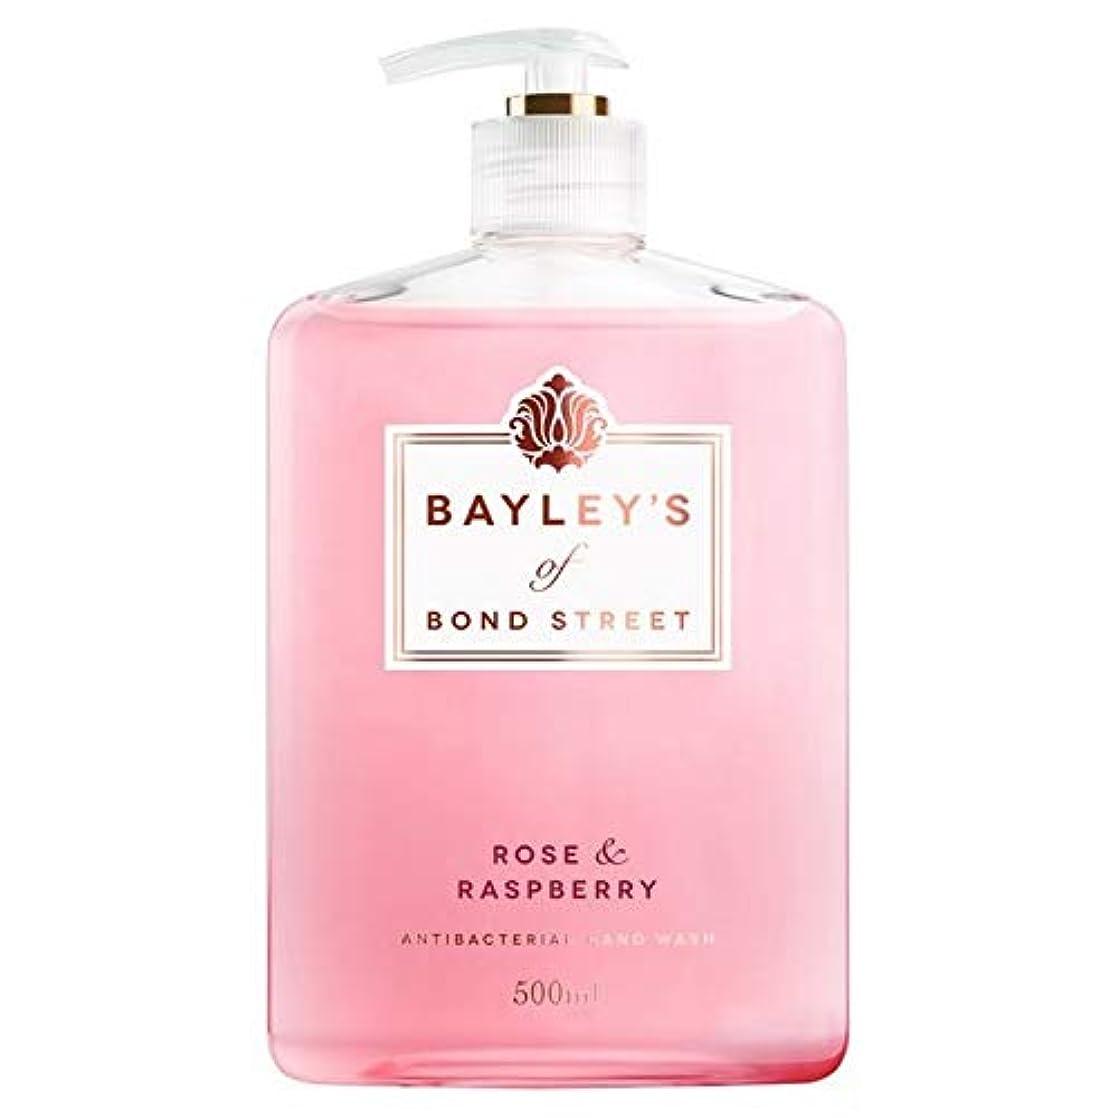 焦げ失礼エンドテーブル[Bayley's of Bond Street ] ベイリーのボンドストリートのは、ローズ&ラズベリーのハンドウォッシュ500ミリリットル - Bayley's of Bond Street Rose & Raspberry...